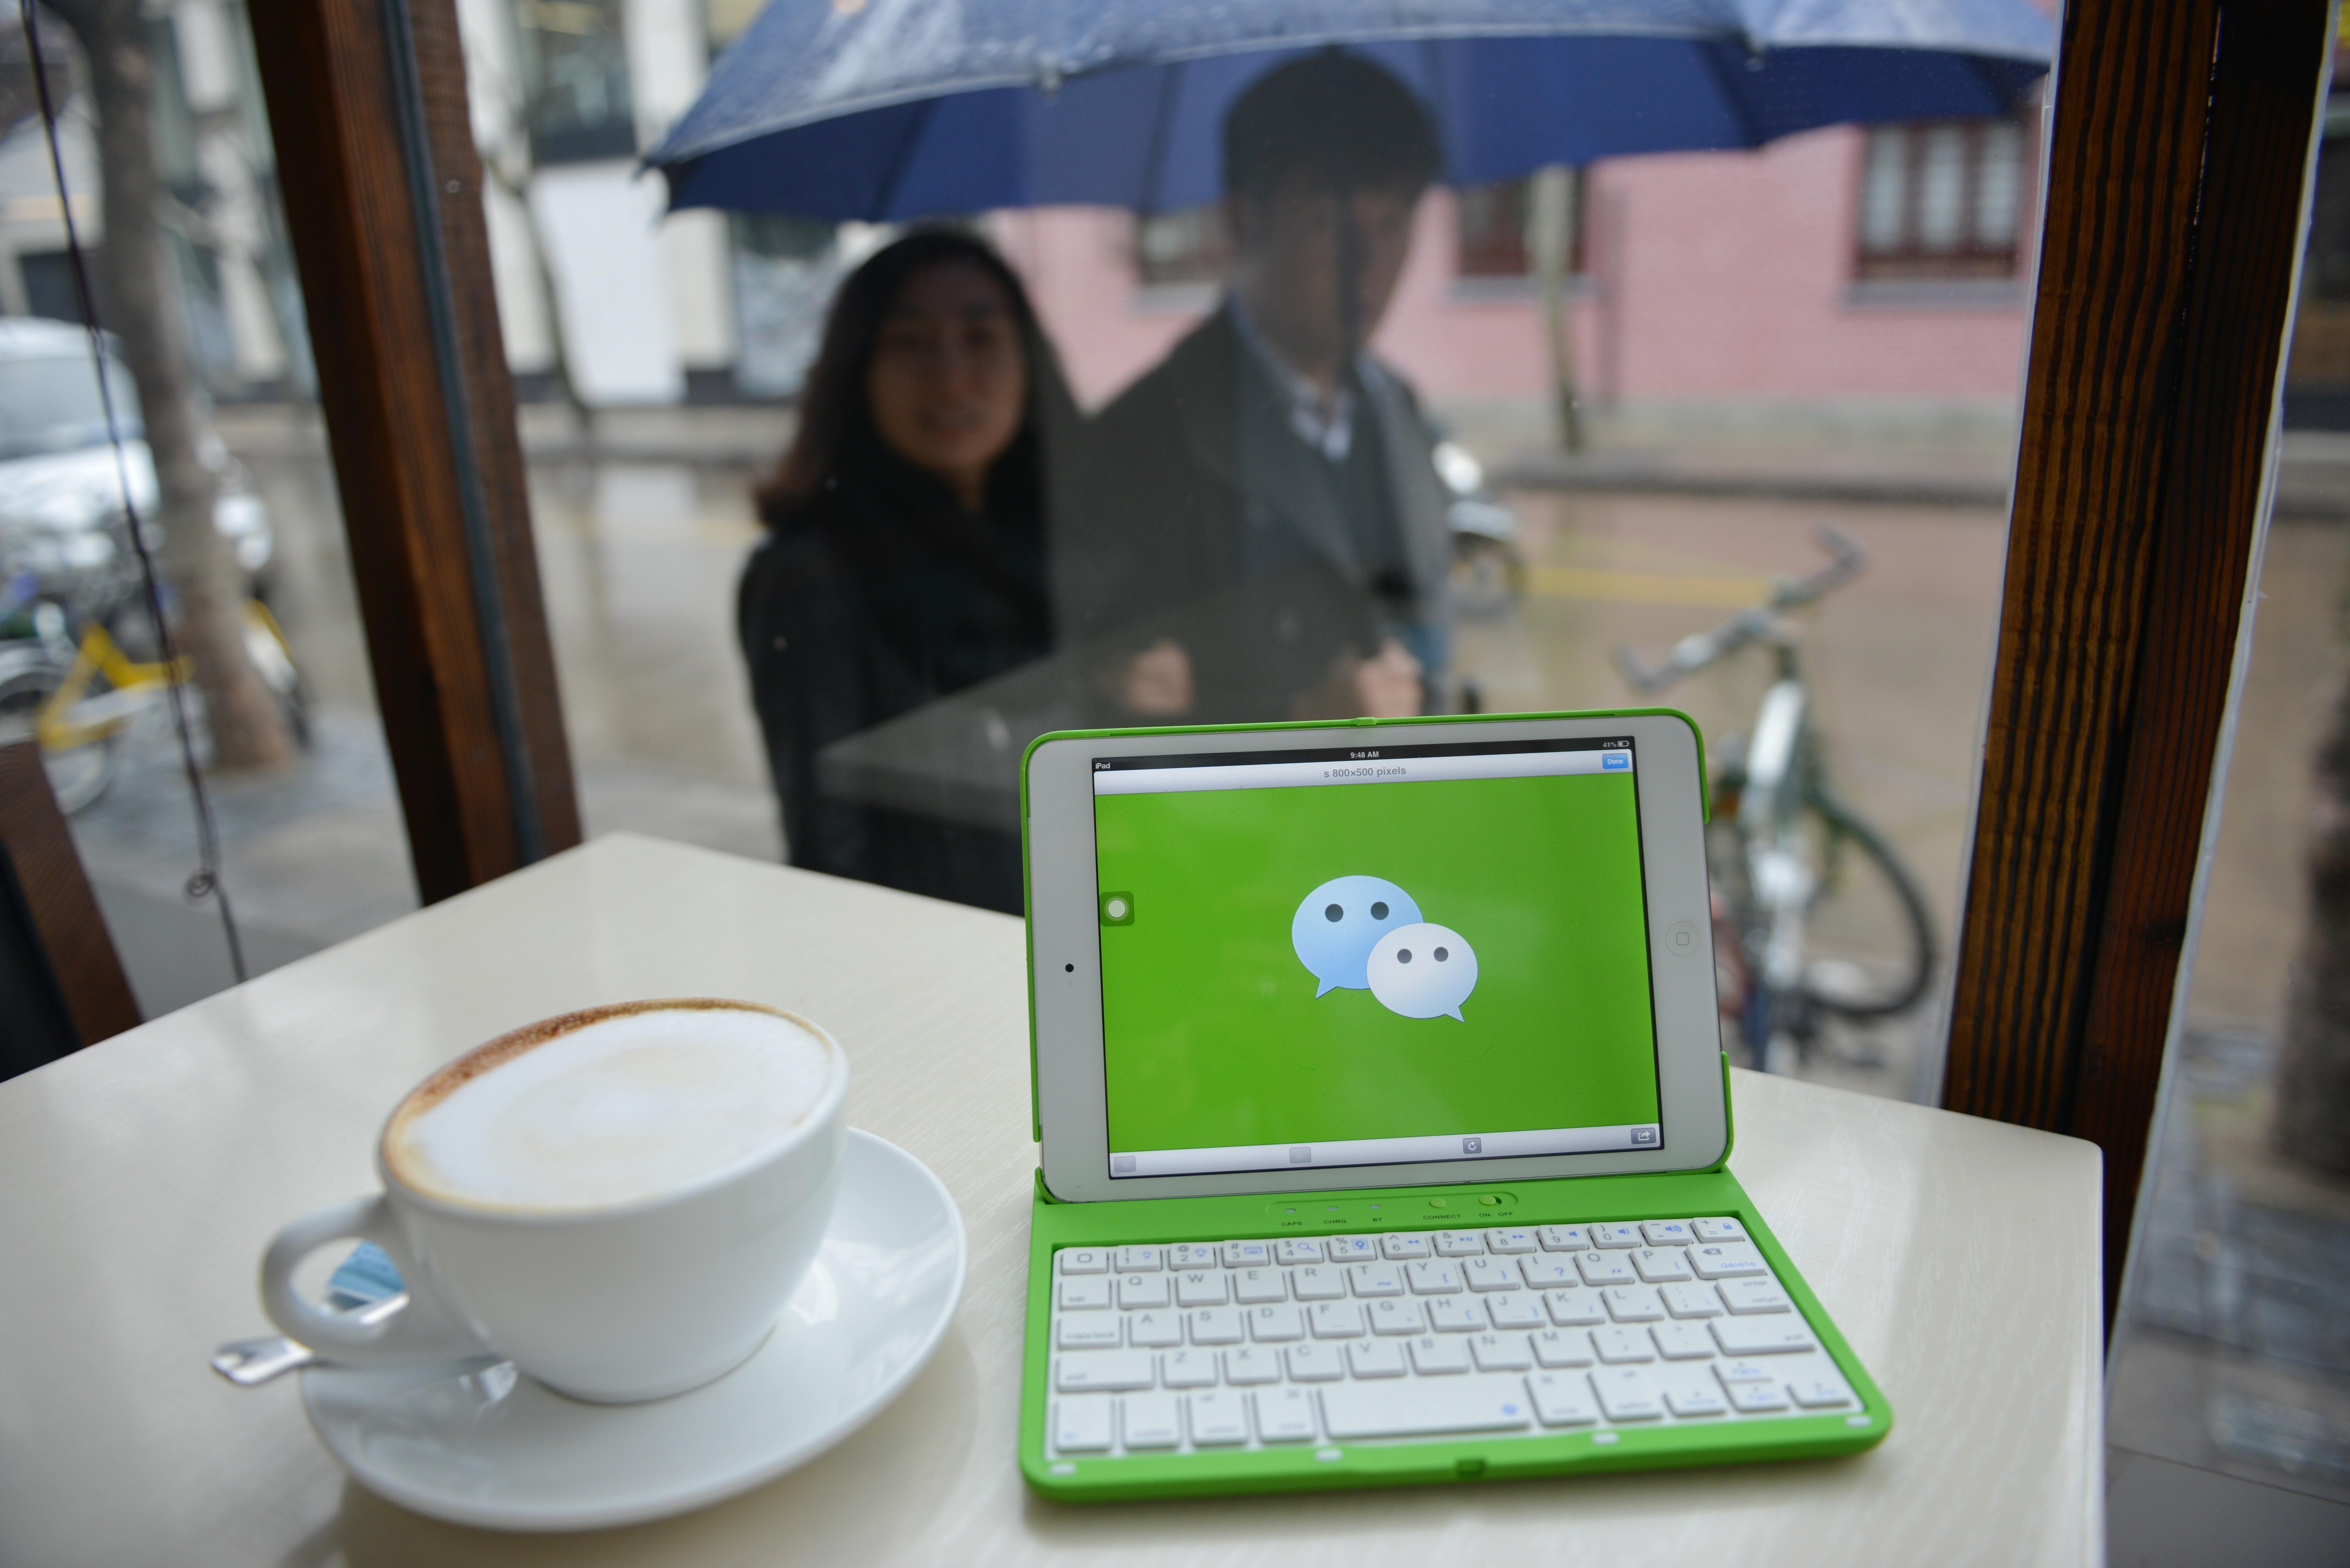 微信箝制言論延至海外 華人欲集體起訴騰訊